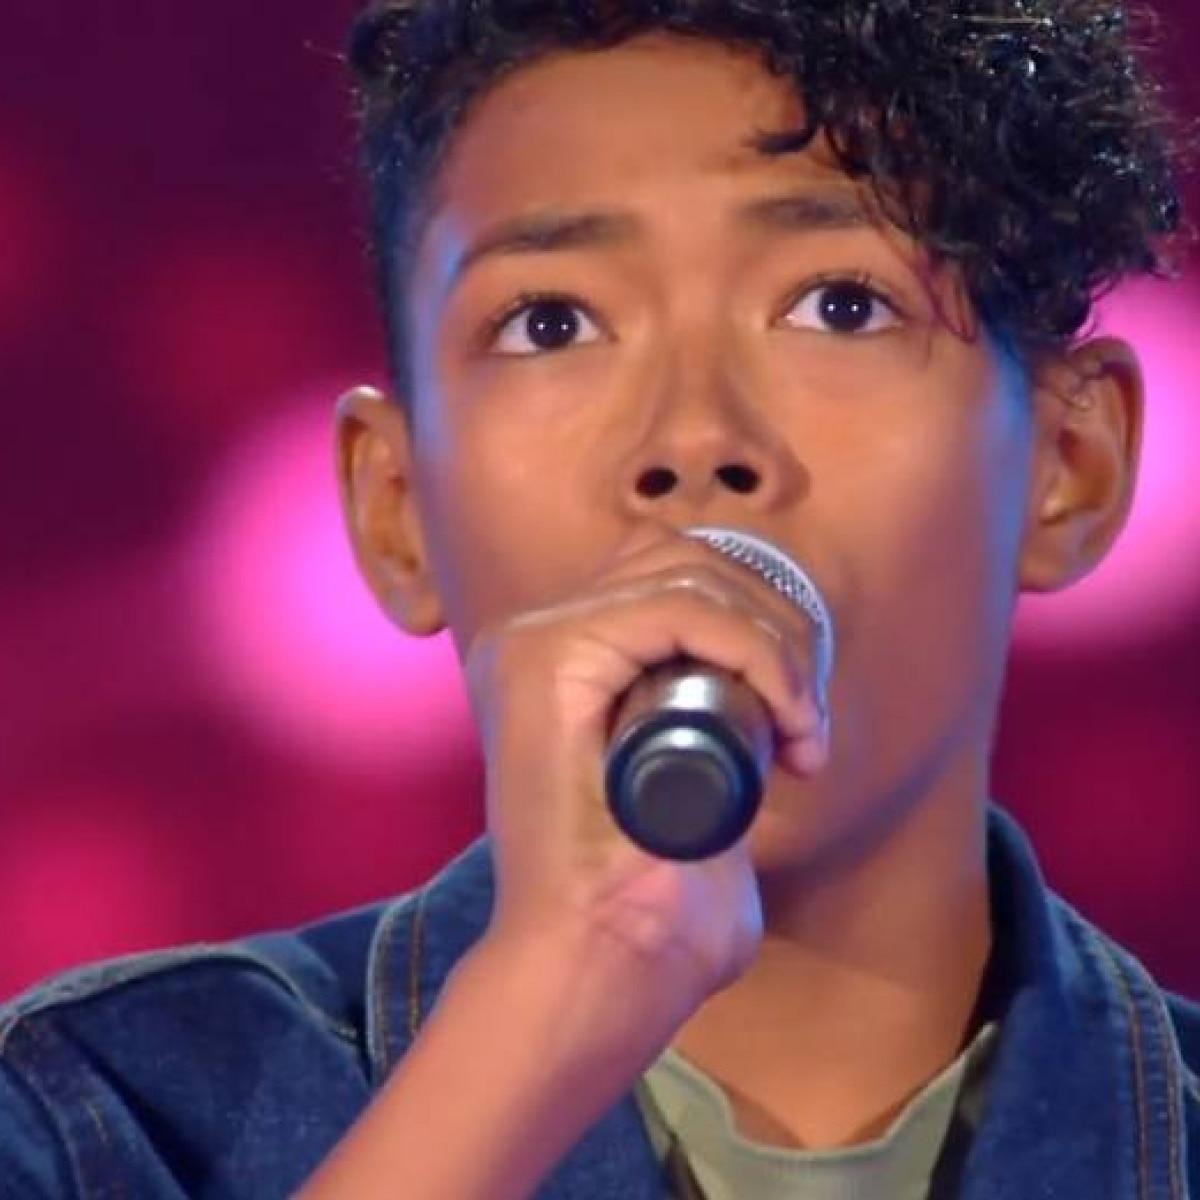 The Voice Kids Menino De 13 Anos Emociona Jurados Em Estreia De Temporada Emais Estadao